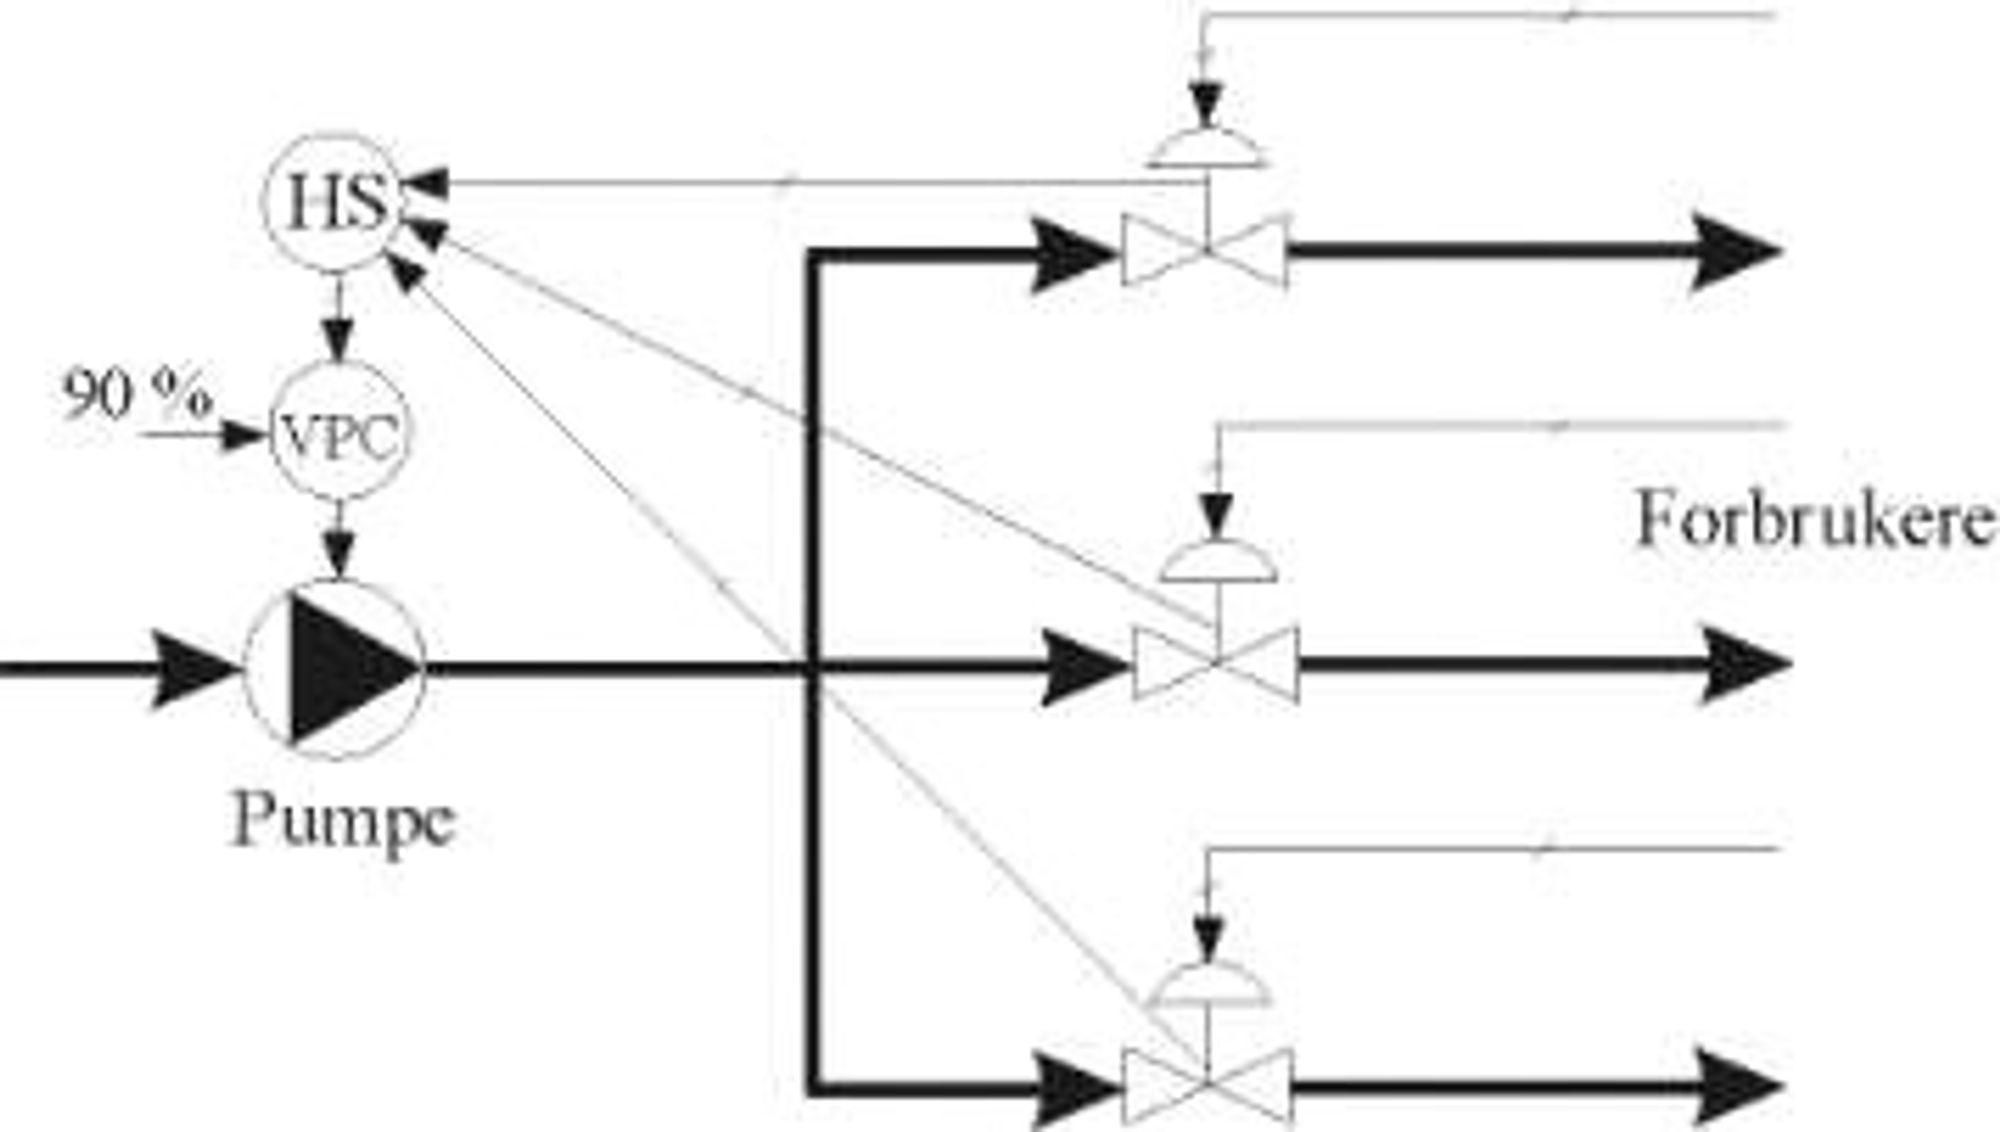 Turtallsregulering pumpe og selektiv regulering reduserer energiforbruket. Se tekst for detaljert beskrivelse.